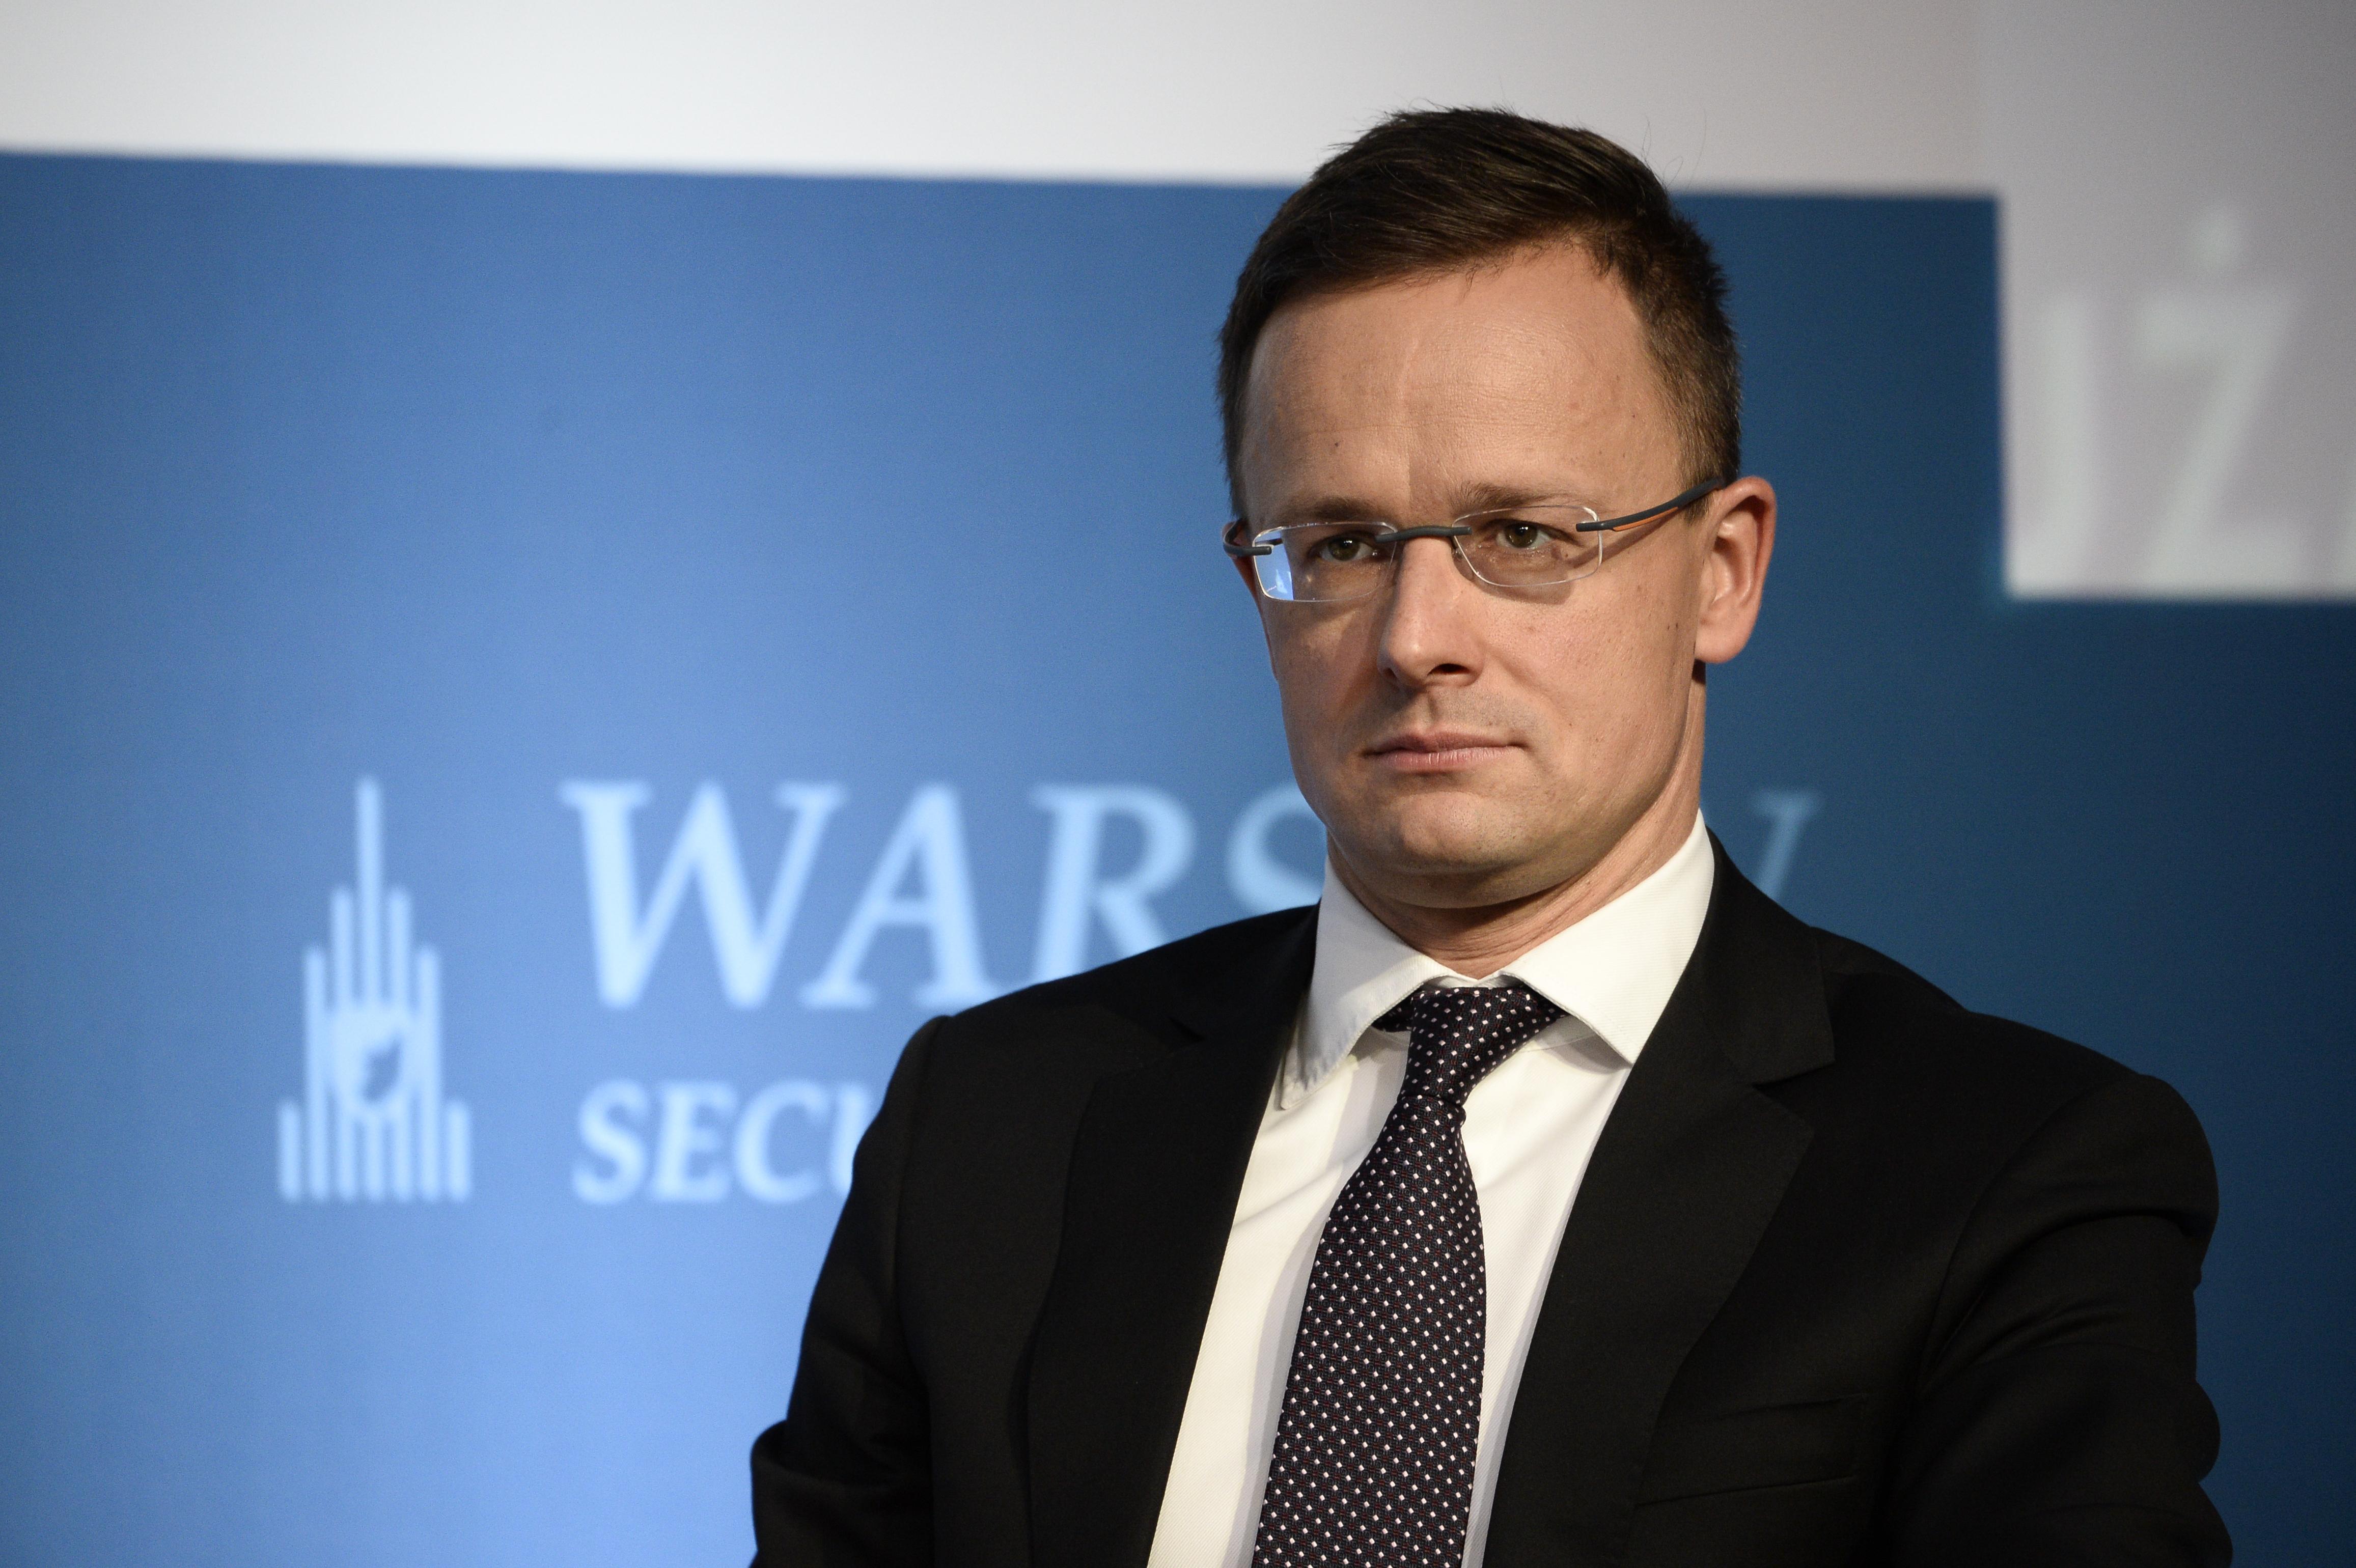 """Megfenyegettek több ukrajnai magyar diplomáciai képviseletet, hogy ha Szijjártó odamegy, """"cselekedni fognak"""""""